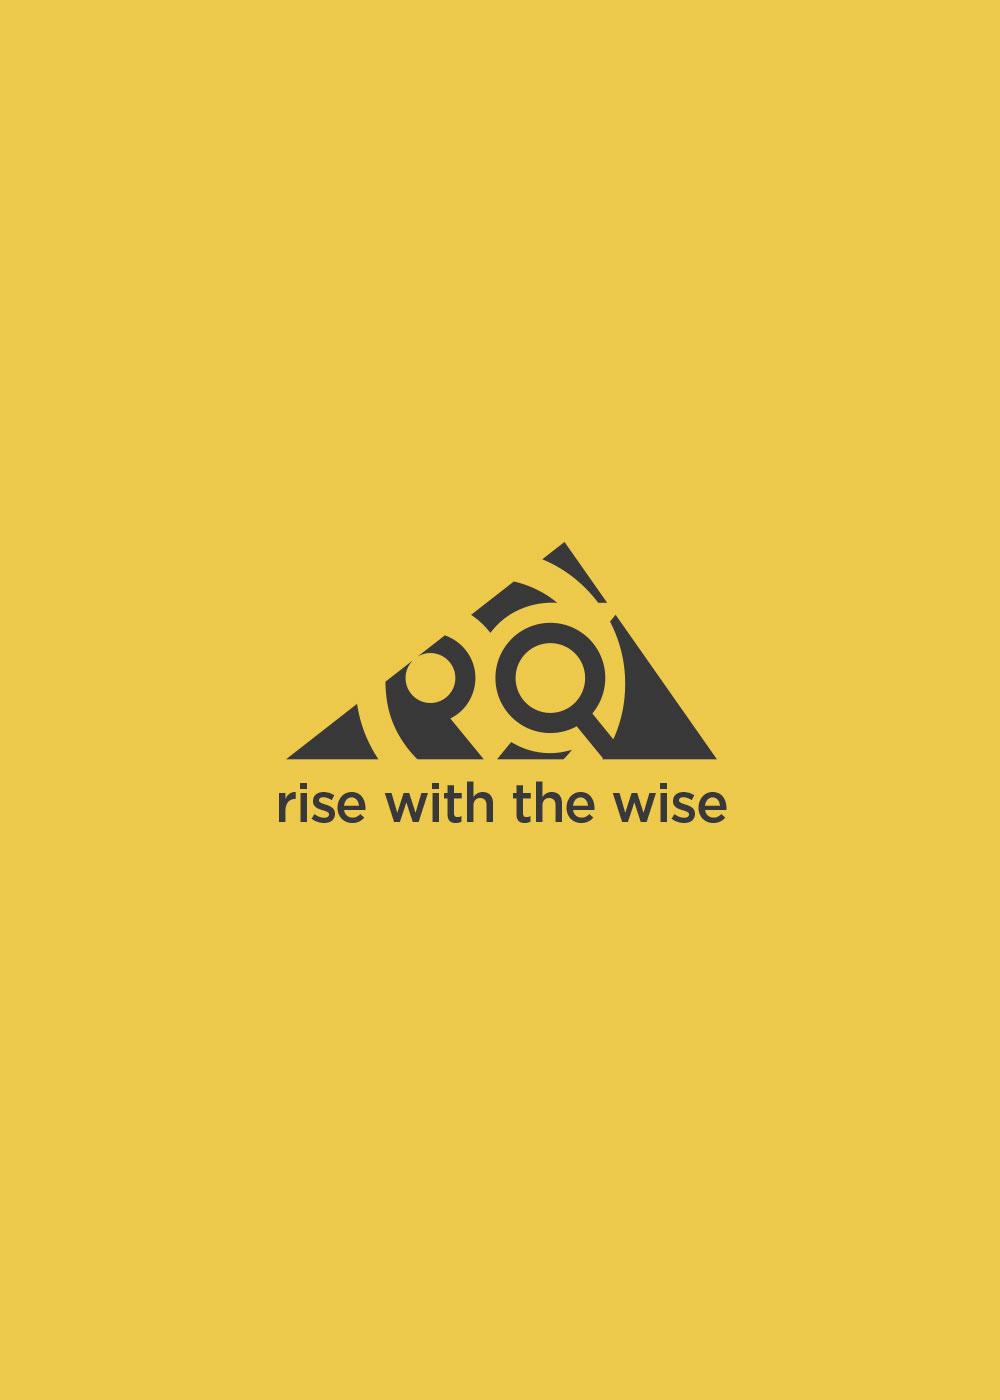 rise-logo.jpg